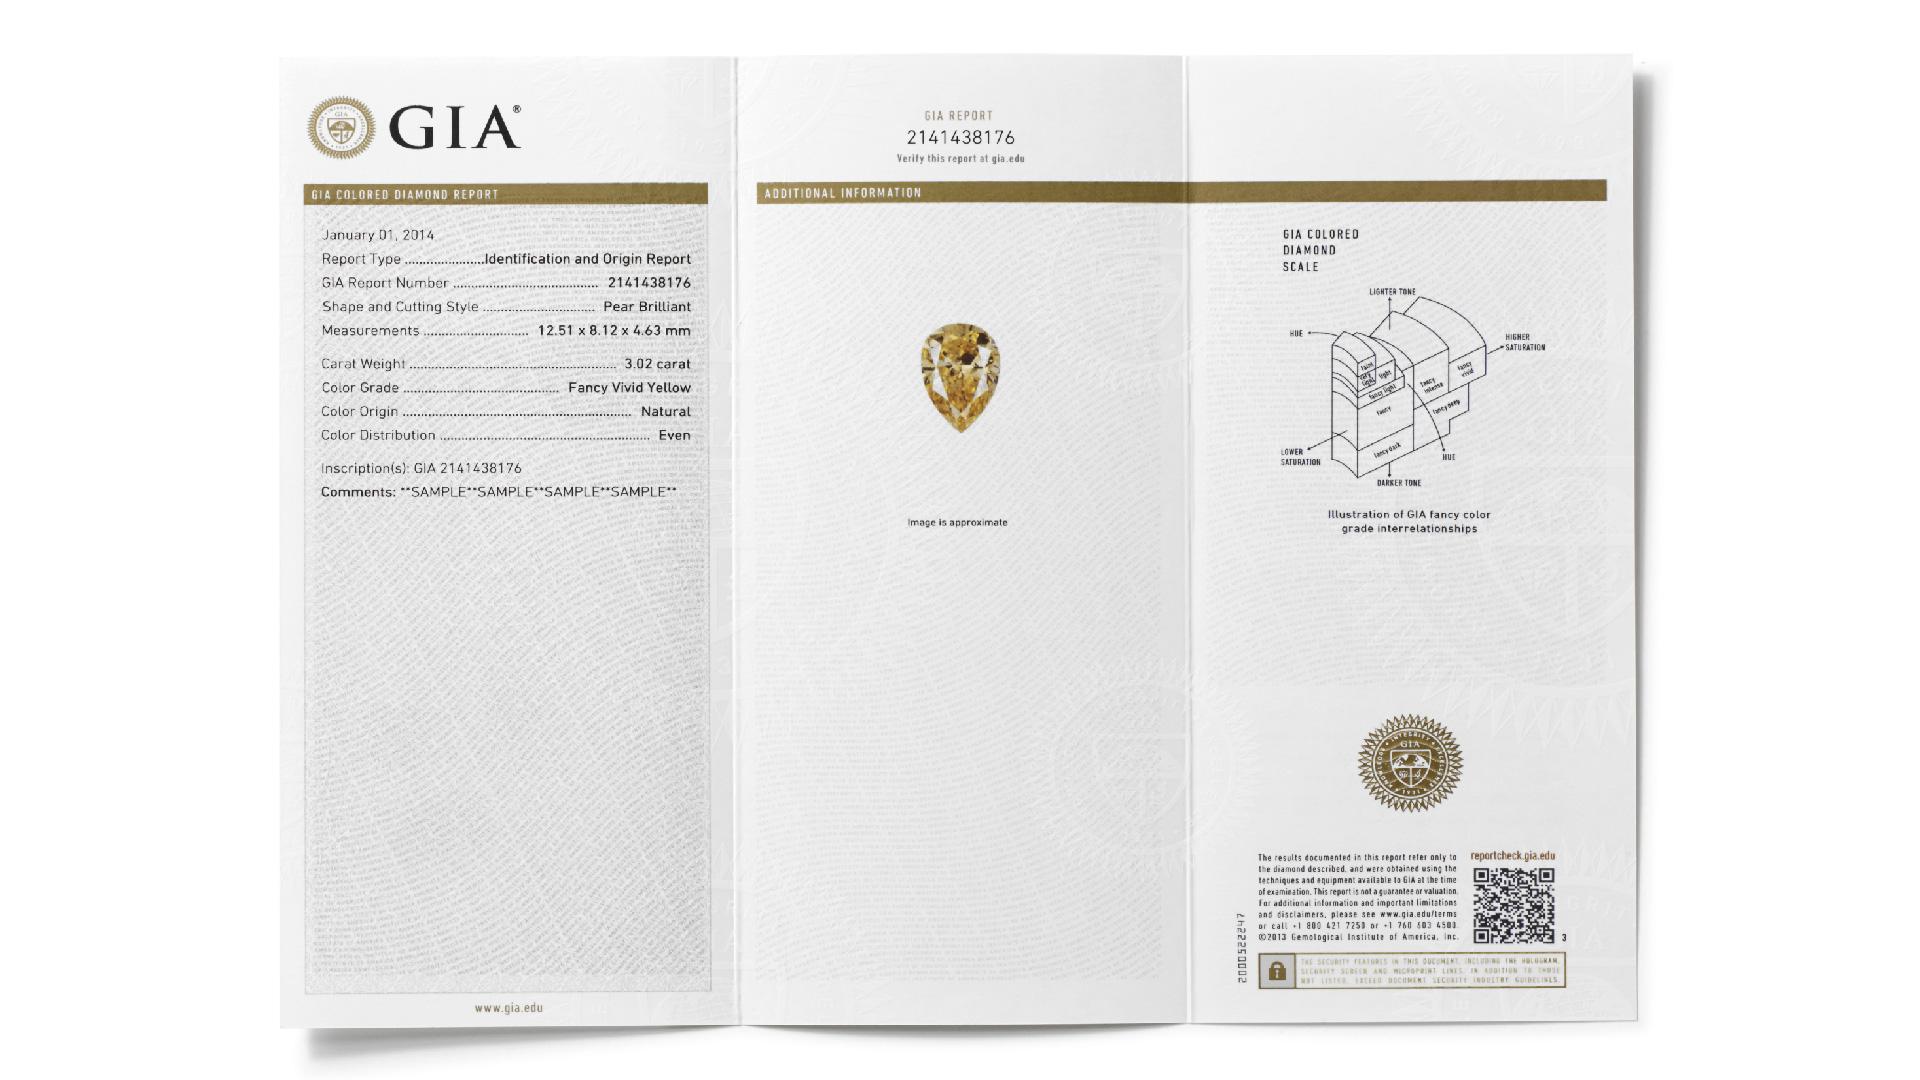 GIAカラーダイヤモンド鑑別及び色の起源レポートは、カラーダイヤモンドのカラーグレードと色の起源について記述する。